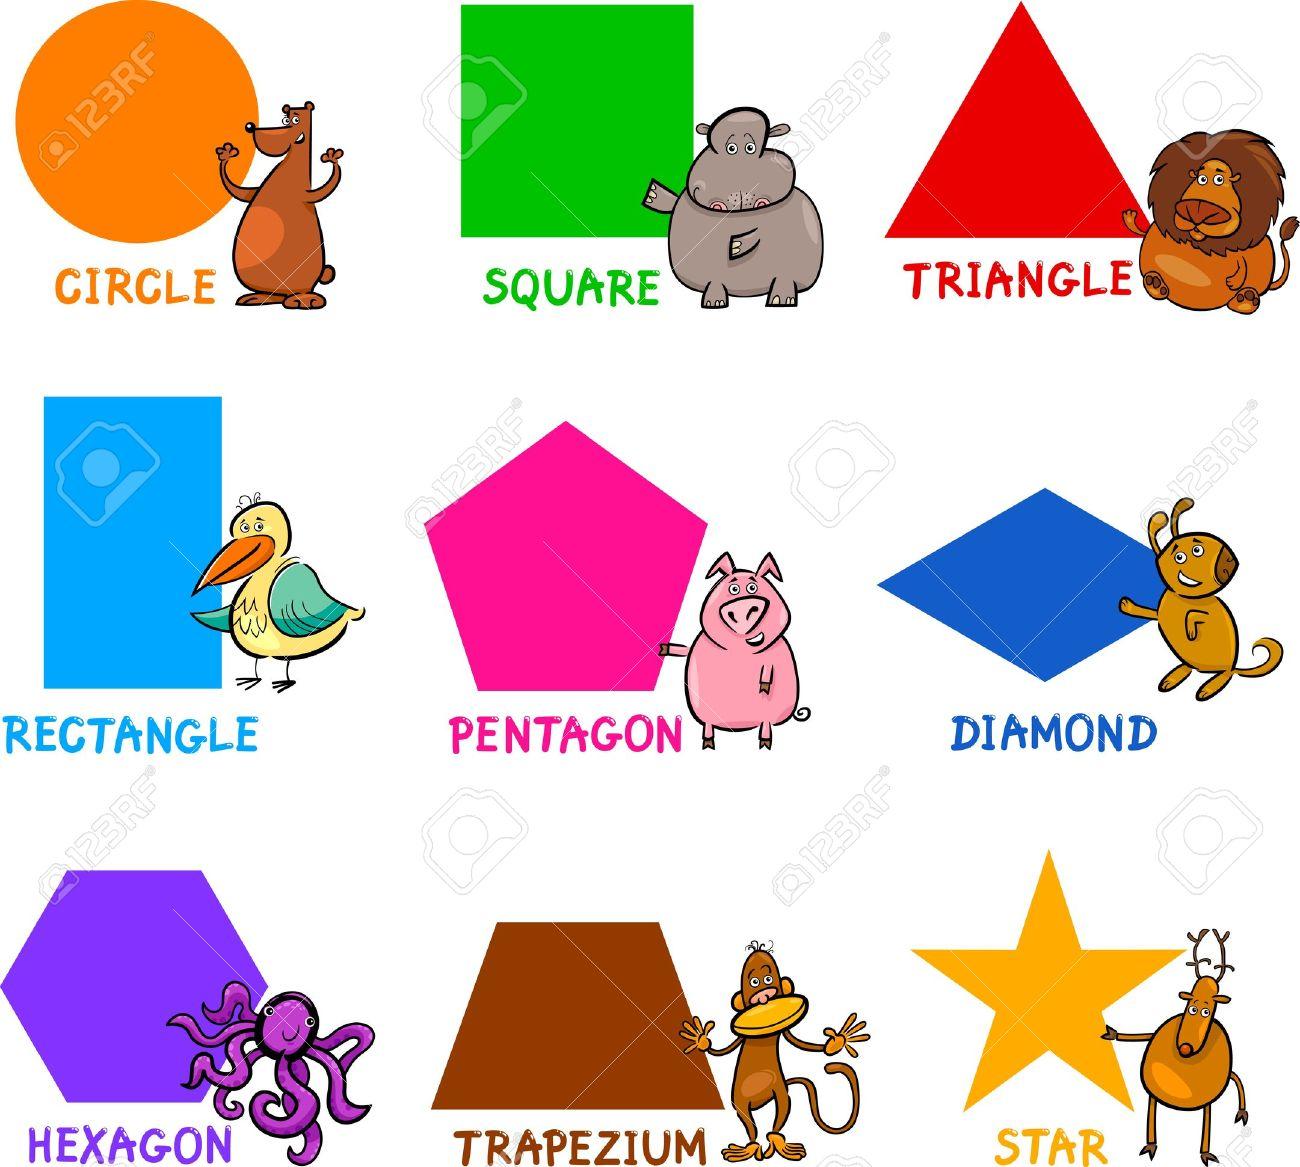 Ilustración De Dibujos Animados De Formas Geométricas Básicas Con